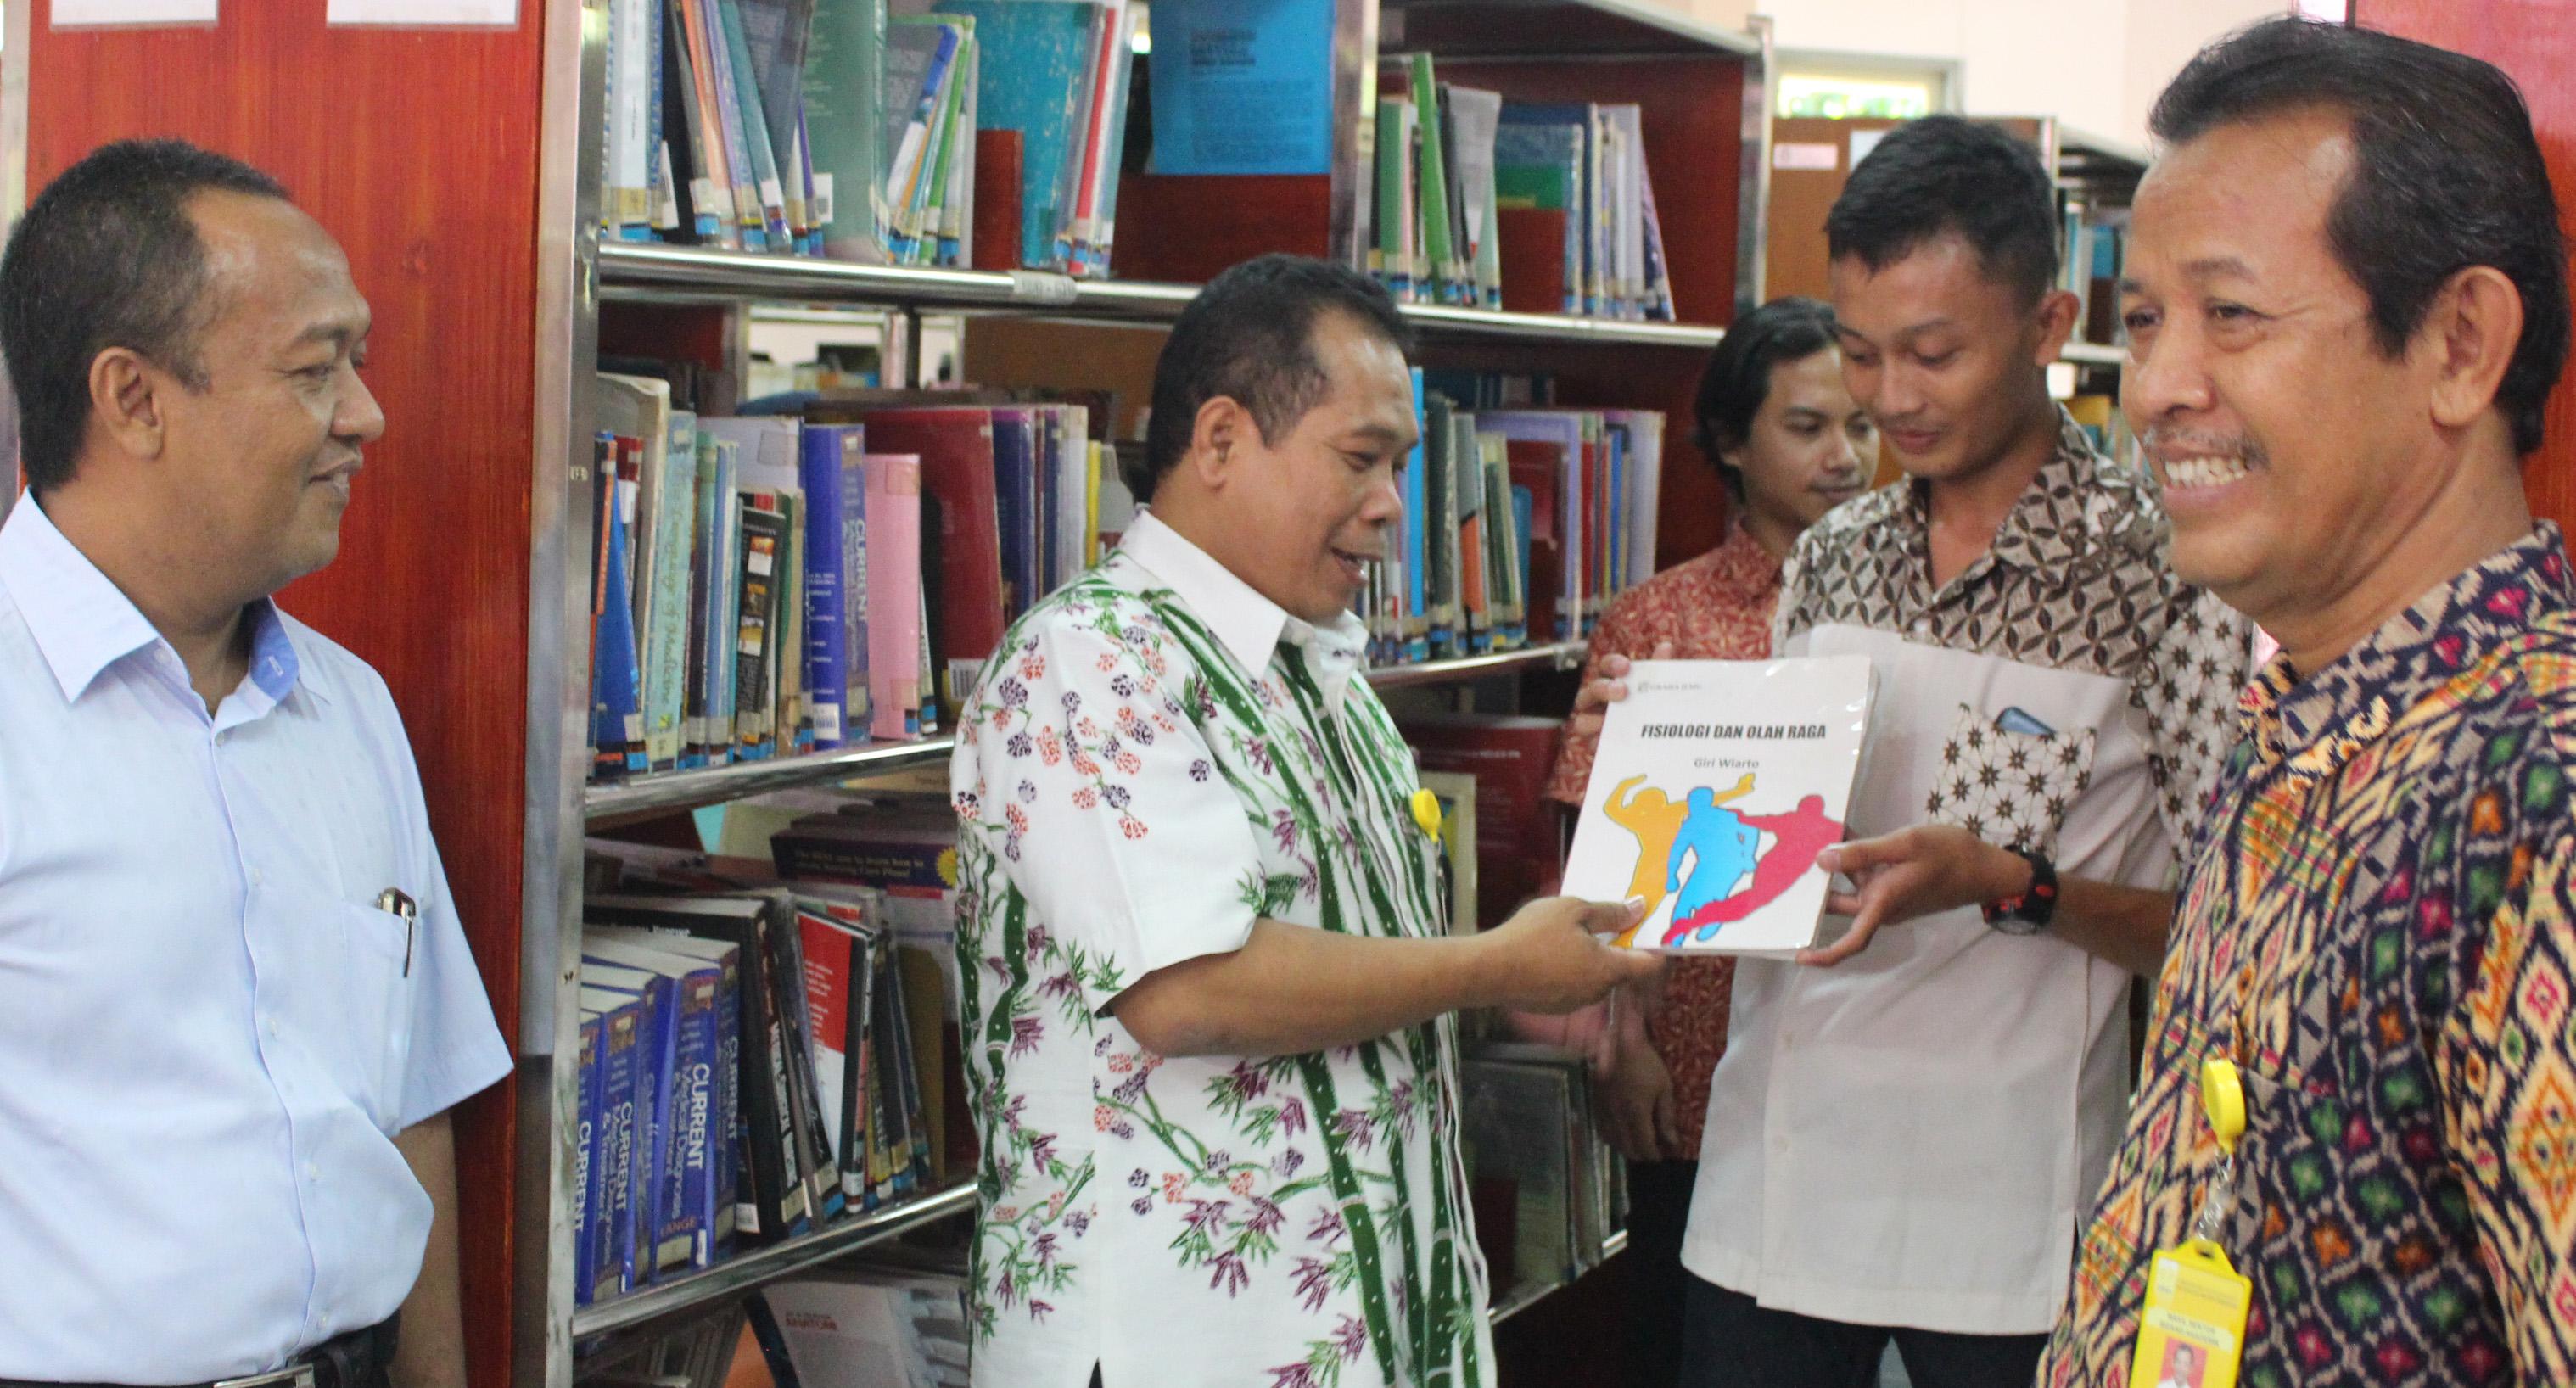 Memacu Seluruh Elemen Akademik, Pimpinan UNNES Lakukan MONEV di Perpustakaan